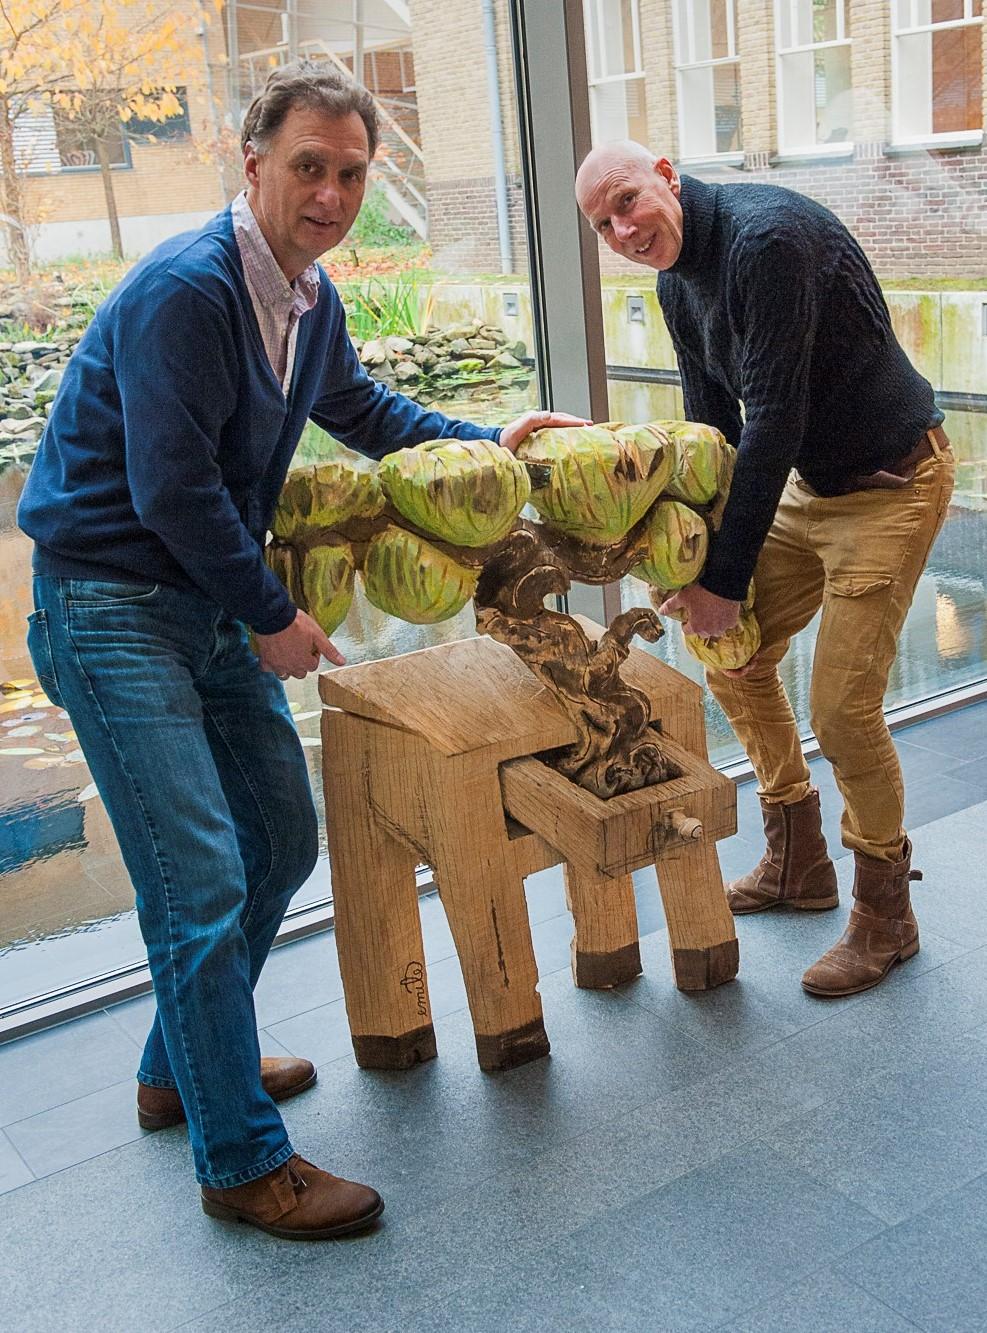 Wim Huijser en Emile van der Kruk in Het Depot, Wageningen